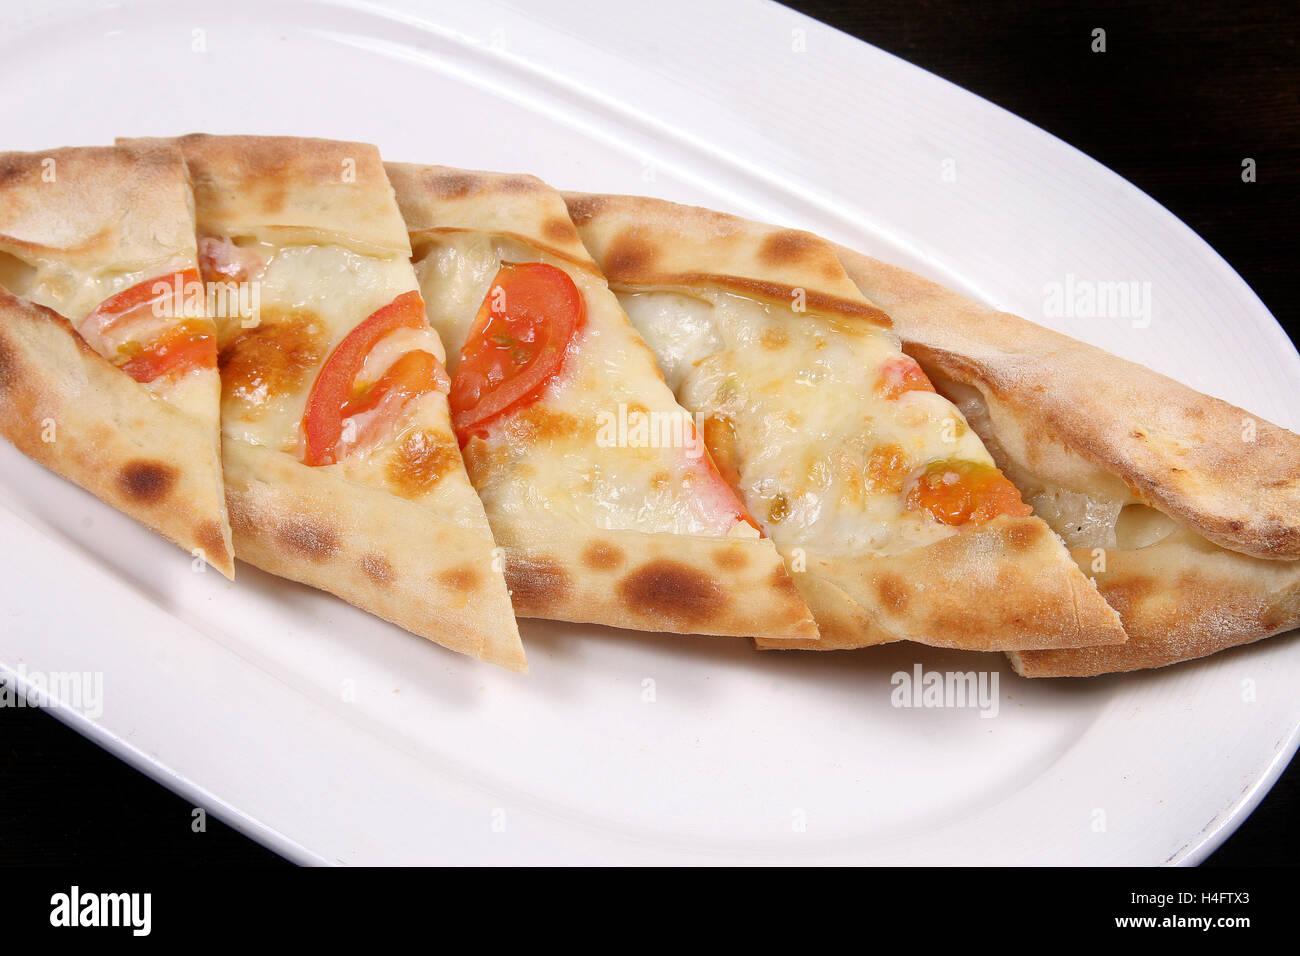 Türkische Pizza Pide Tomaten Und Cheddar Käse Stockfoto Bild